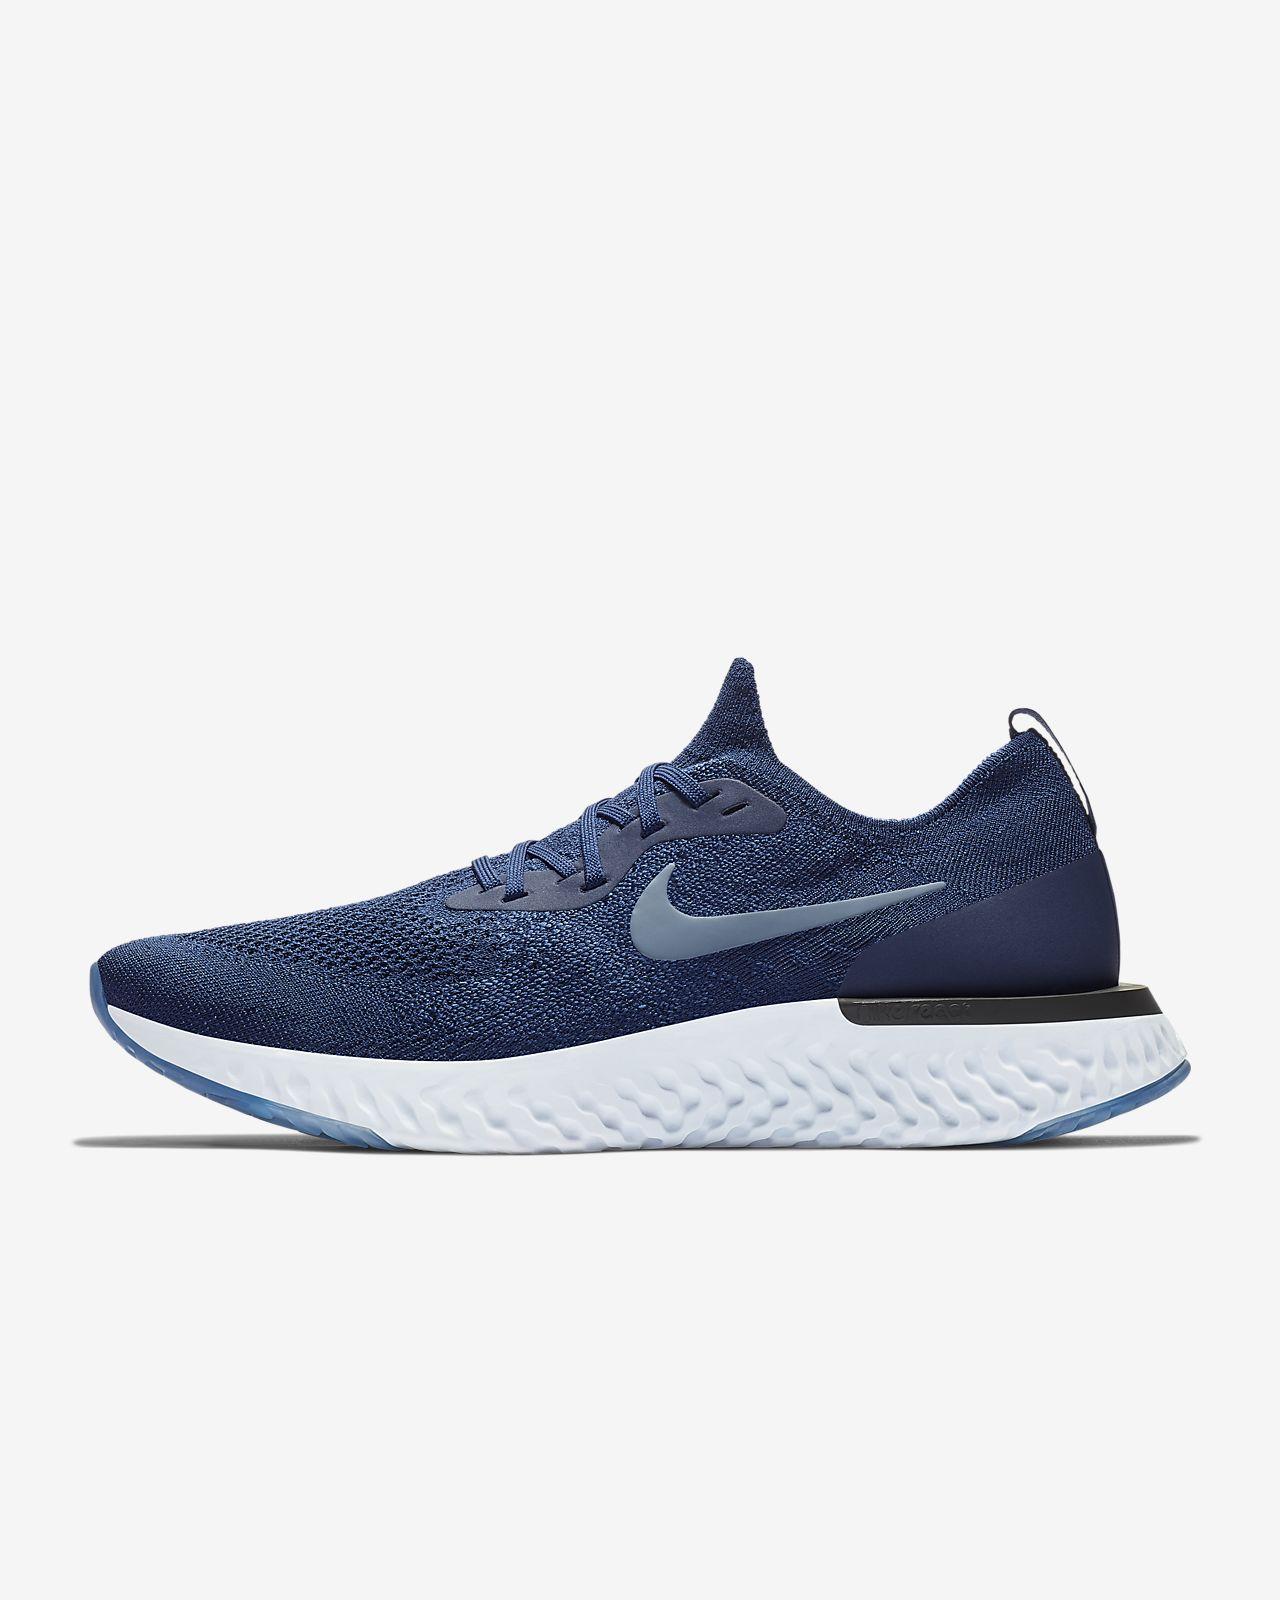 cac0c87a0c7d Nike Epic React Flyknit 1 Men s Running Shoe. Nike.com